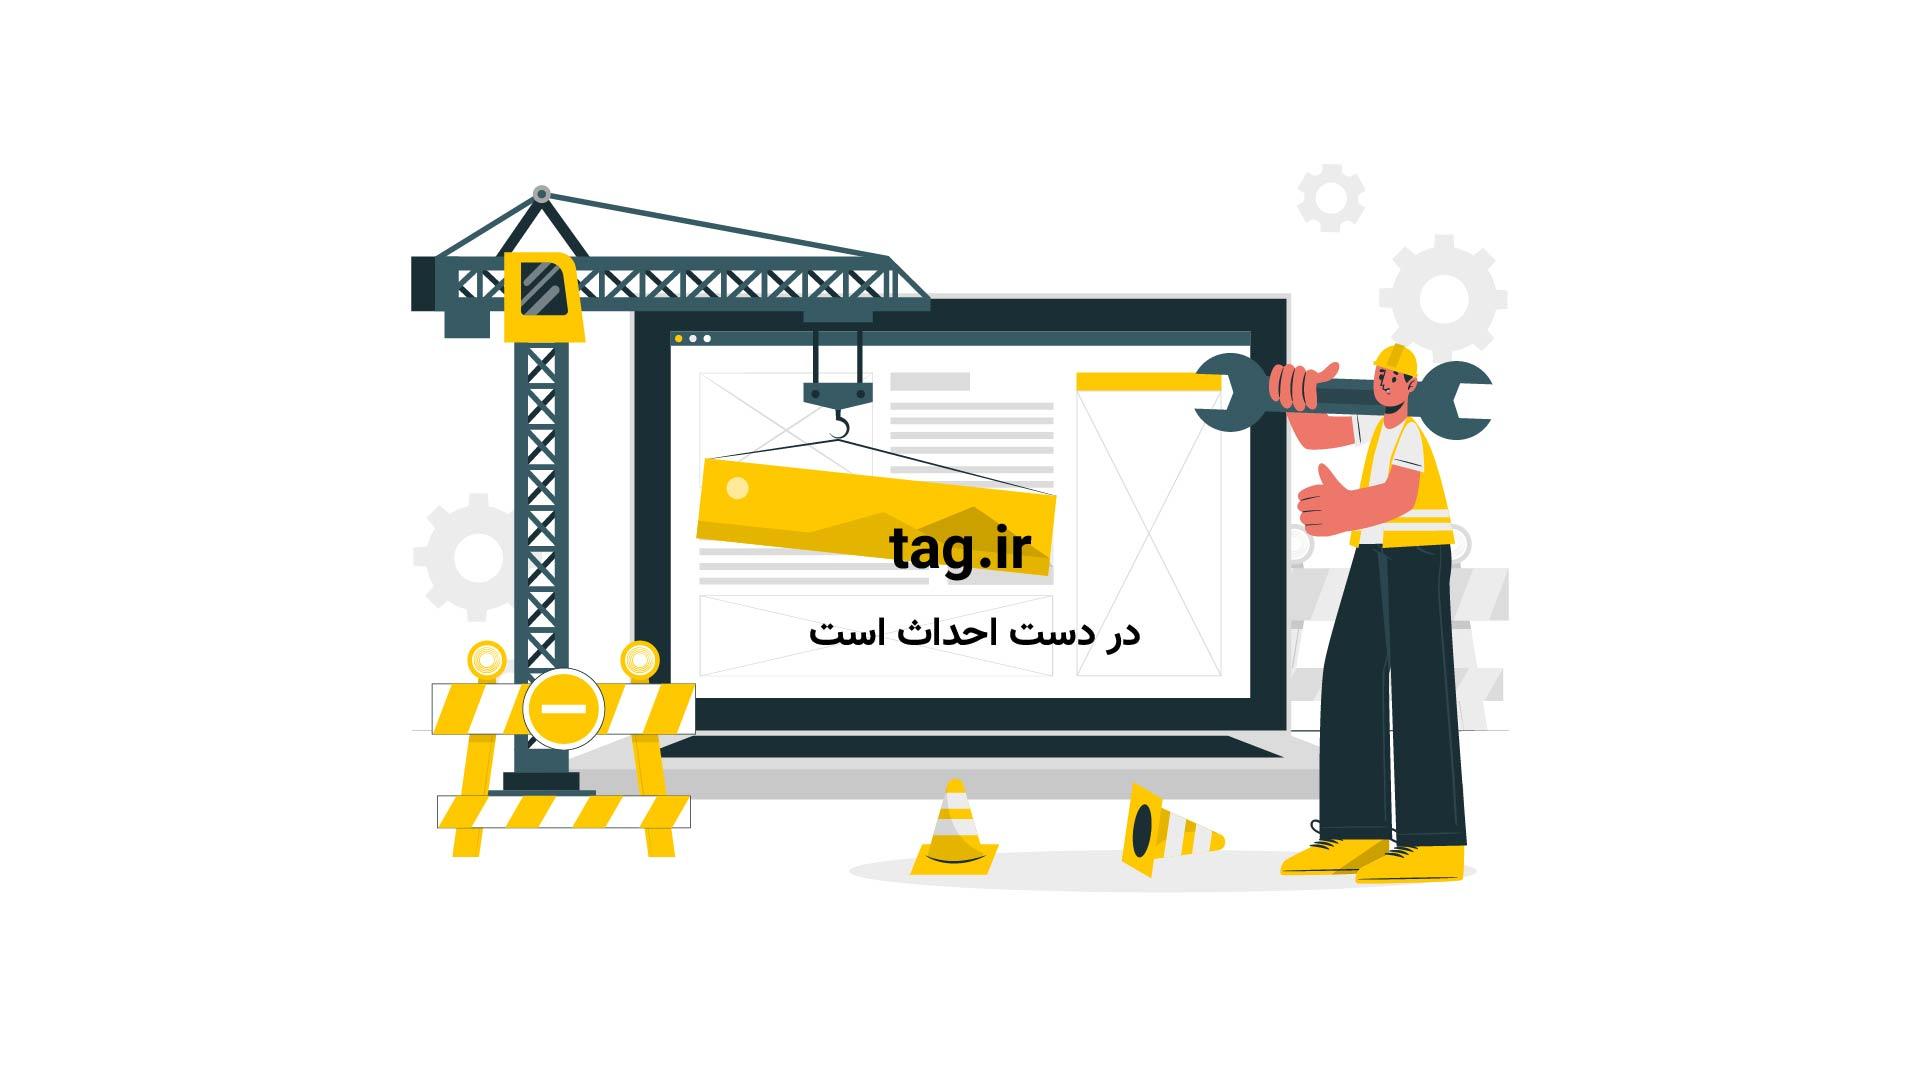 لبخند 20 ثانیهای فرزاد حسنی در برنامه خندوانه   فیلم